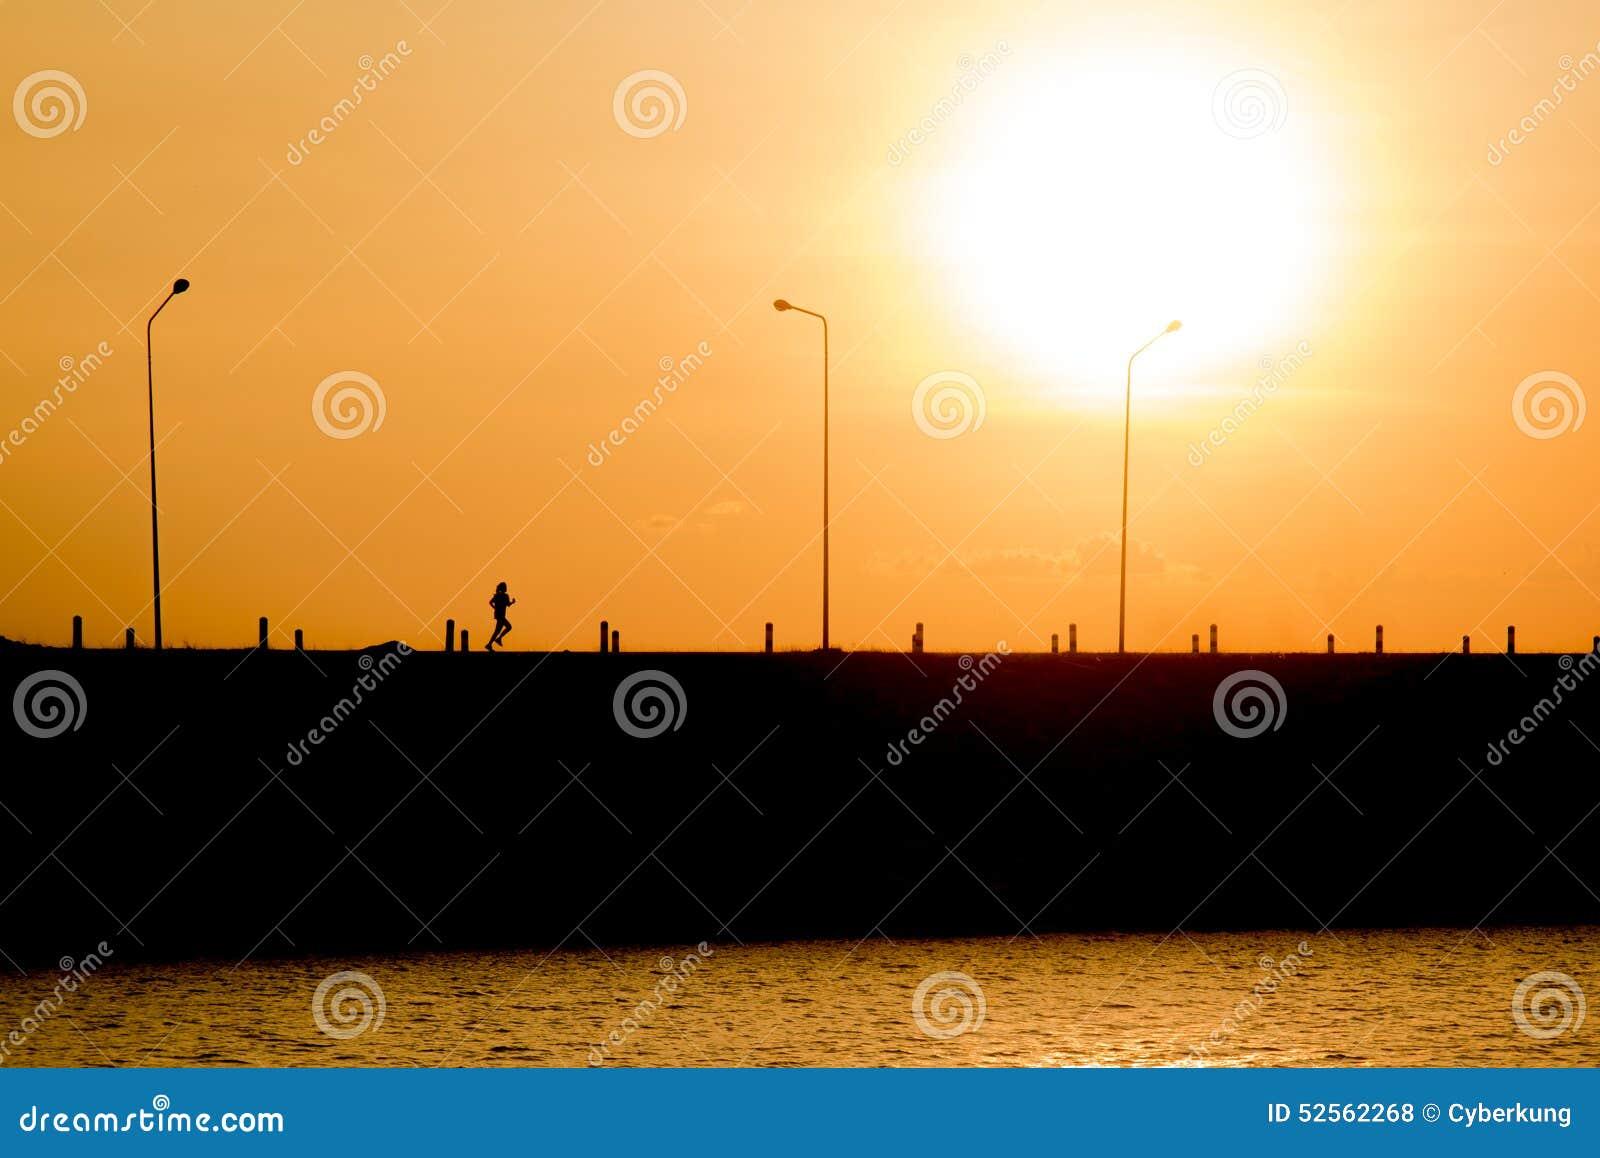 Η γυναίκα τρέχει στο ηλιοβασίλεμα (σκιαγραφία)